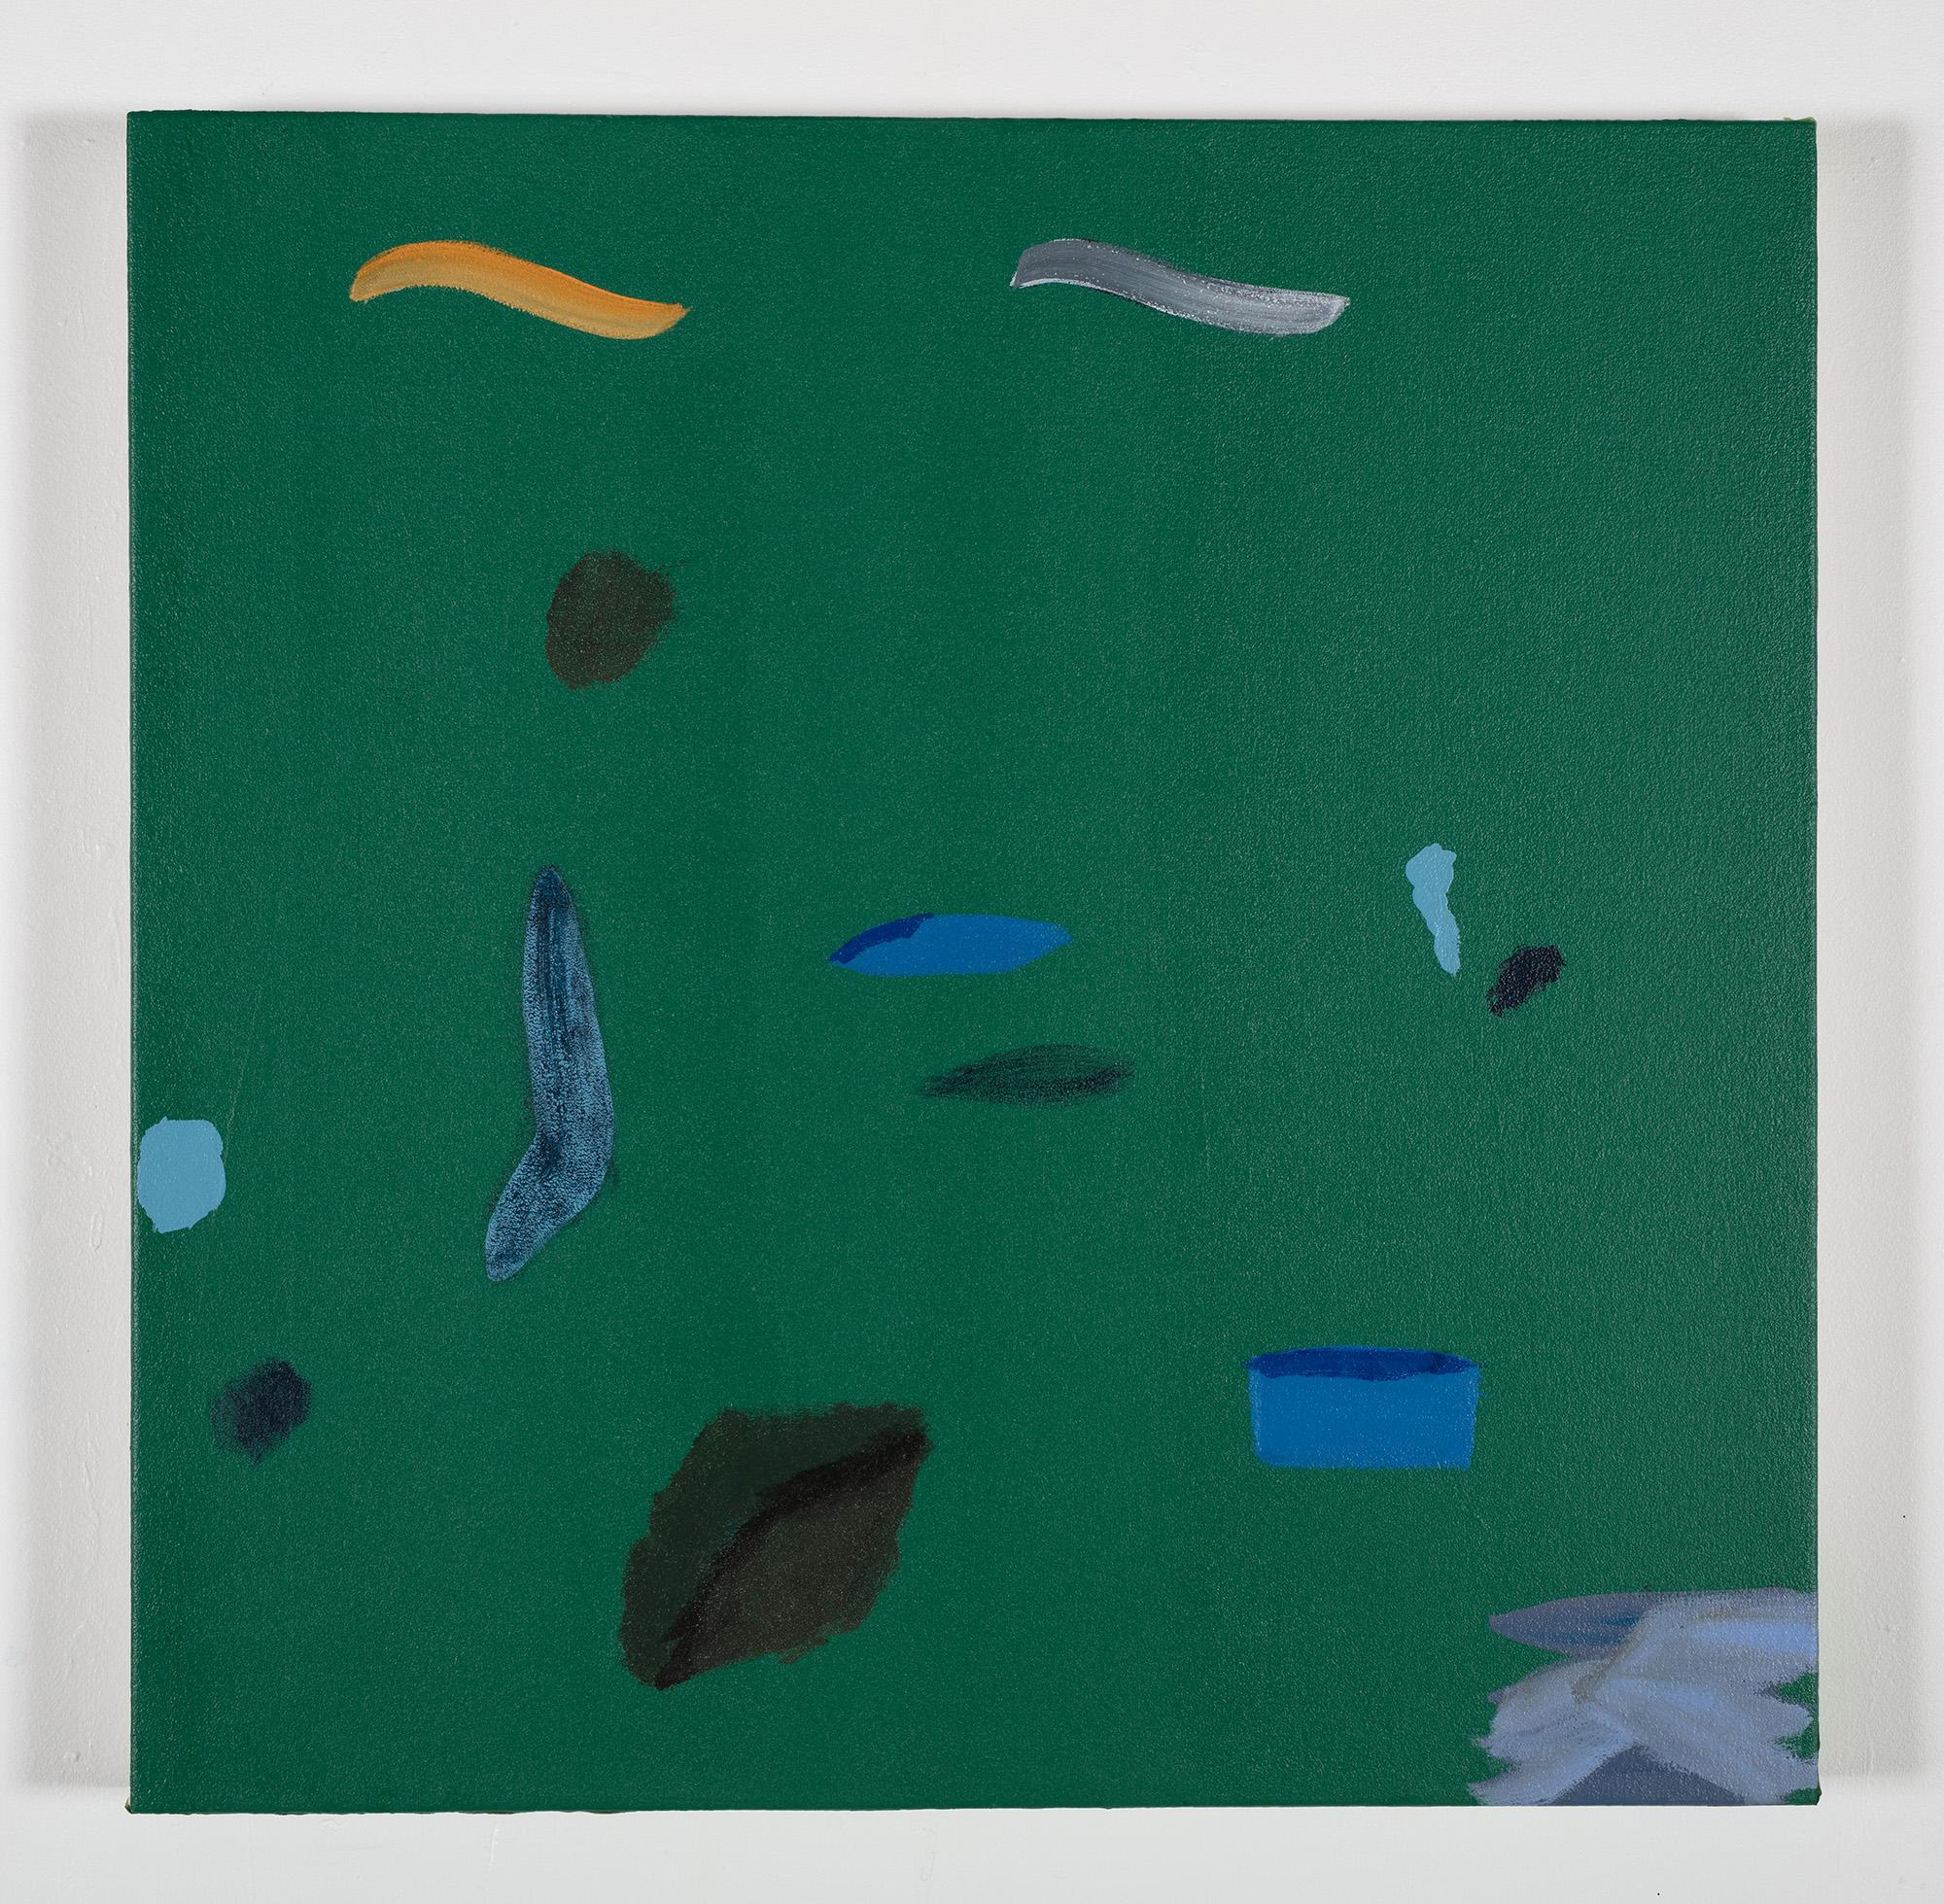 Nathalie Thibault distracteurs de couleur 3 galerie.a